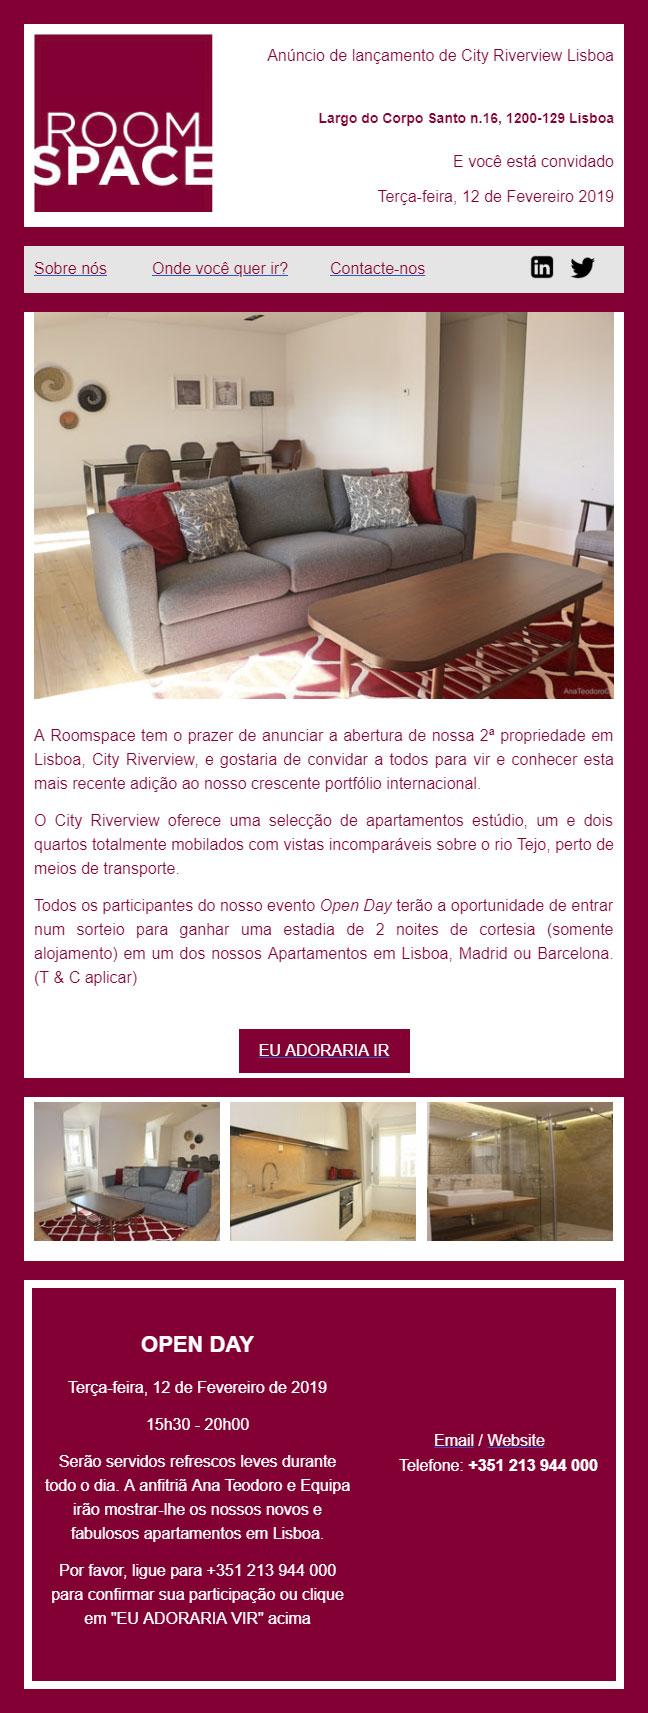 Anúncio de lançamento de City Riverview Lisboa